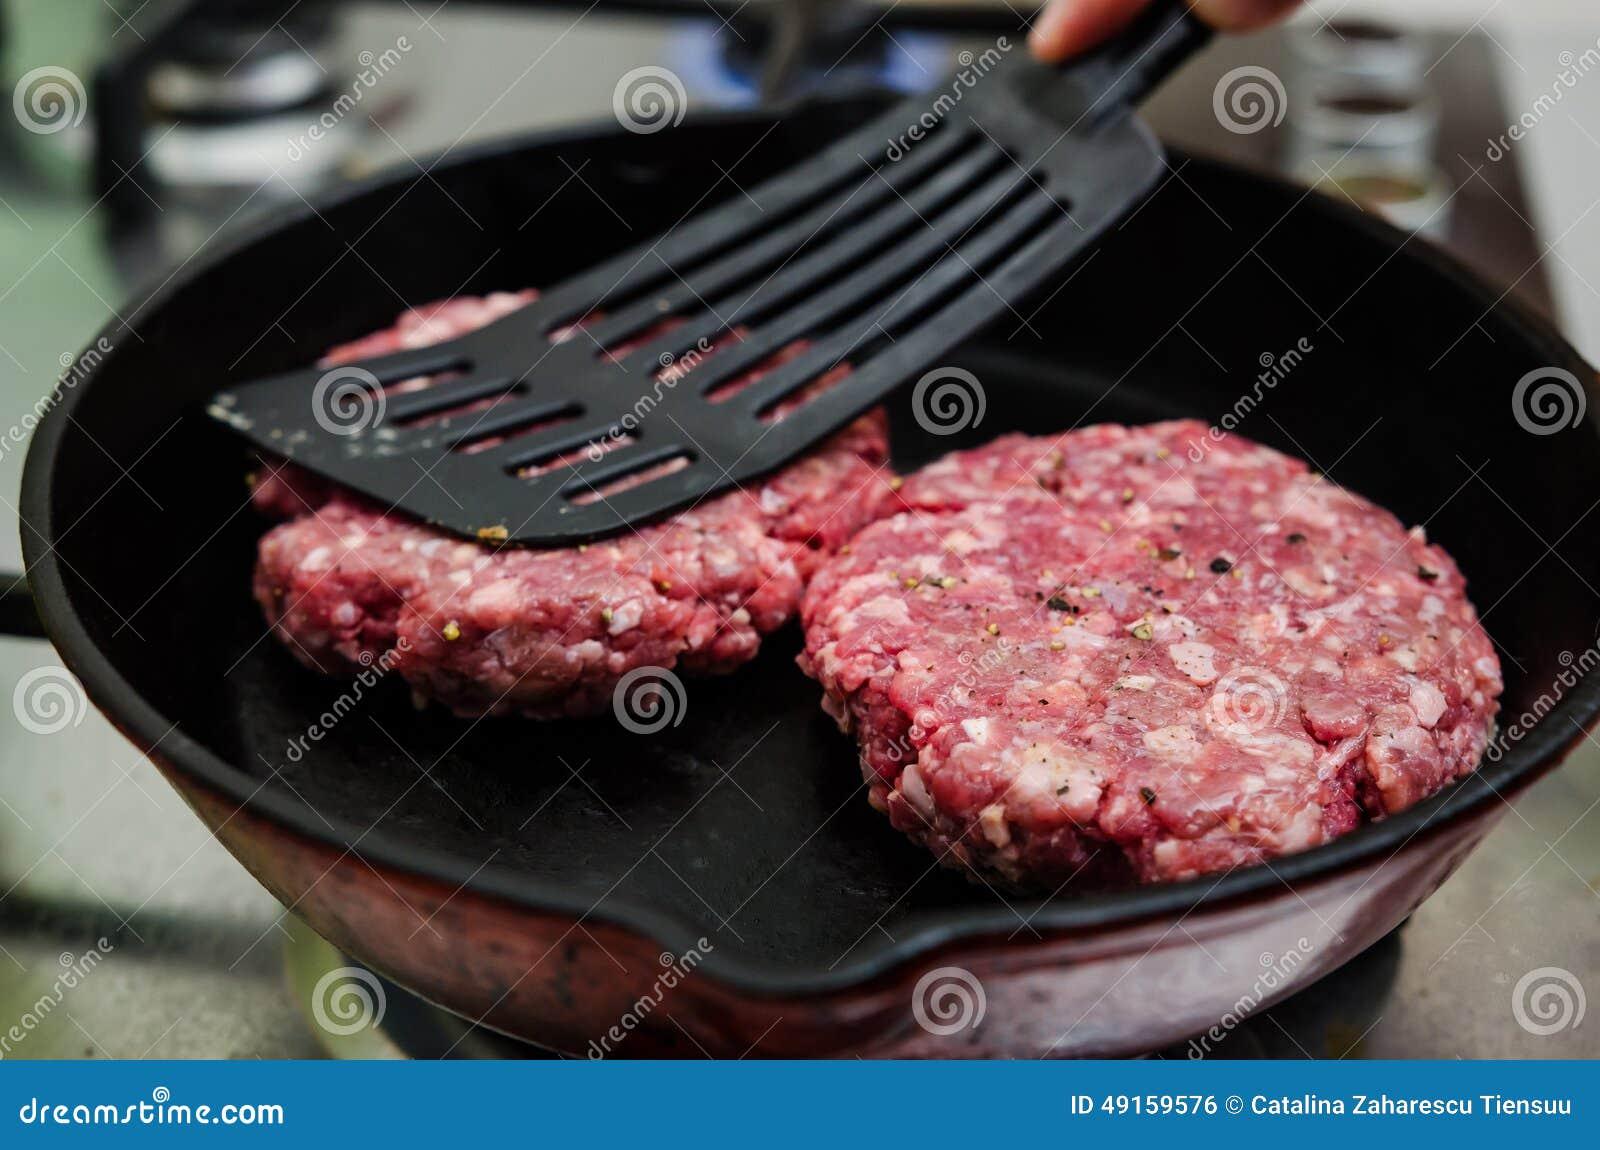 Frying raw burger